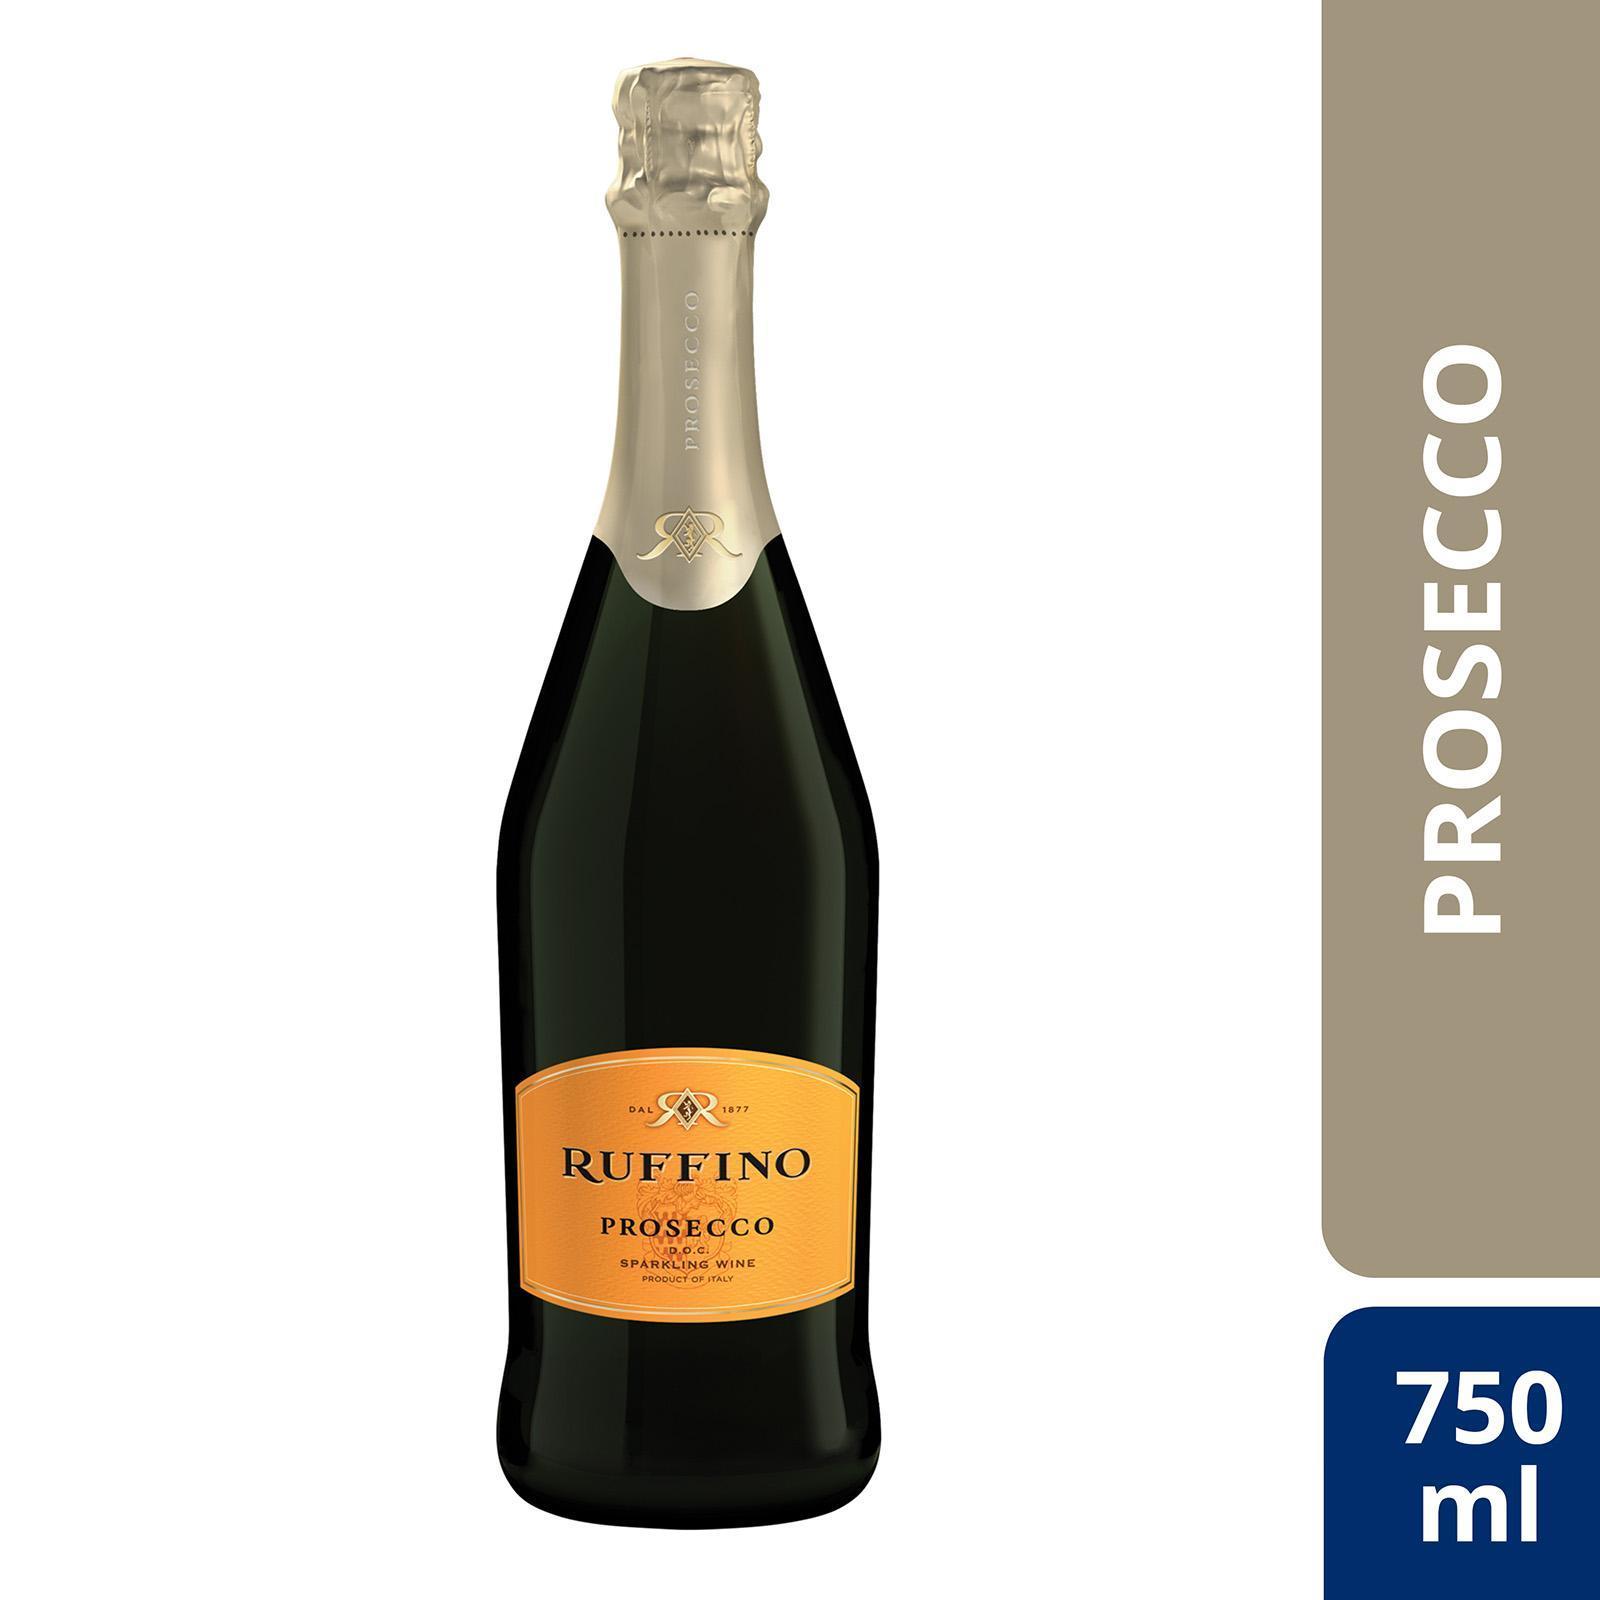 Ruffino Prosecco Doc Sparkling Wine